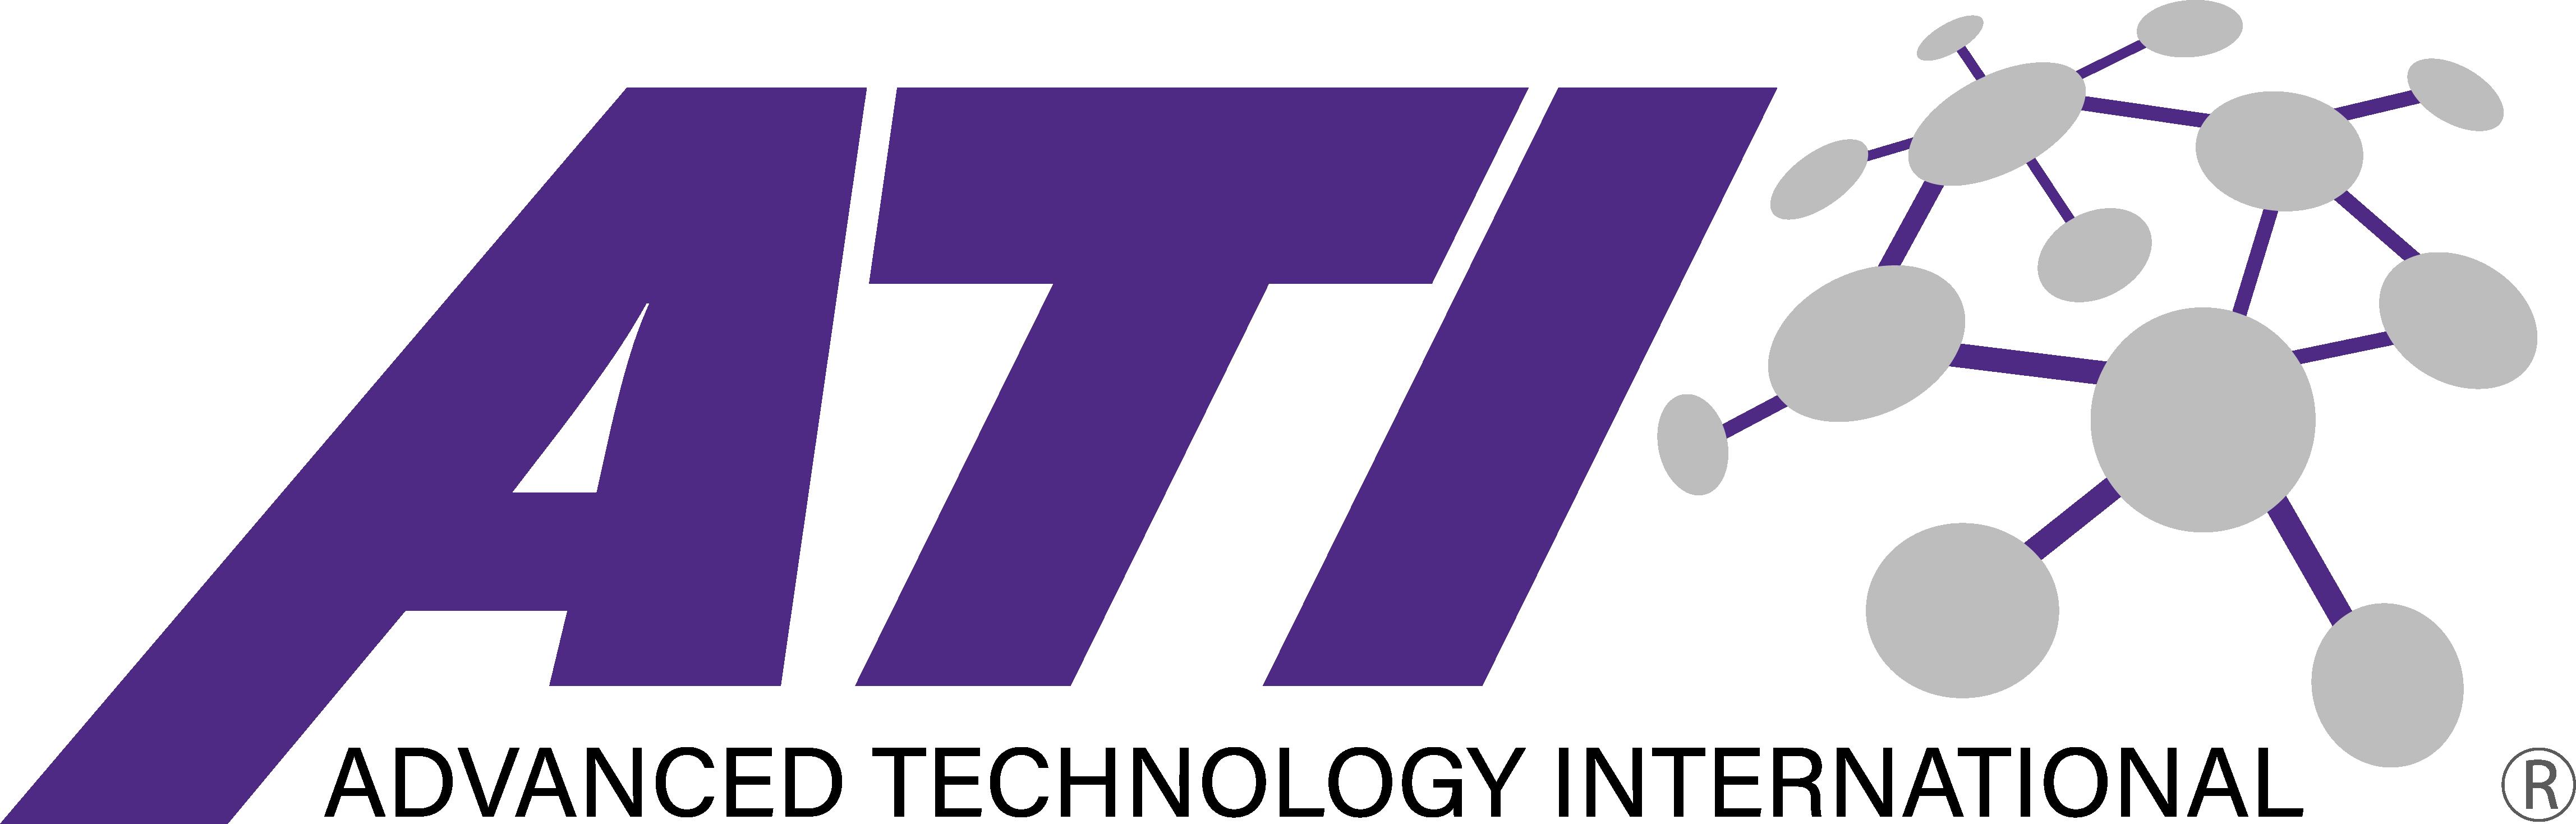 ATI: Advanced Technology International